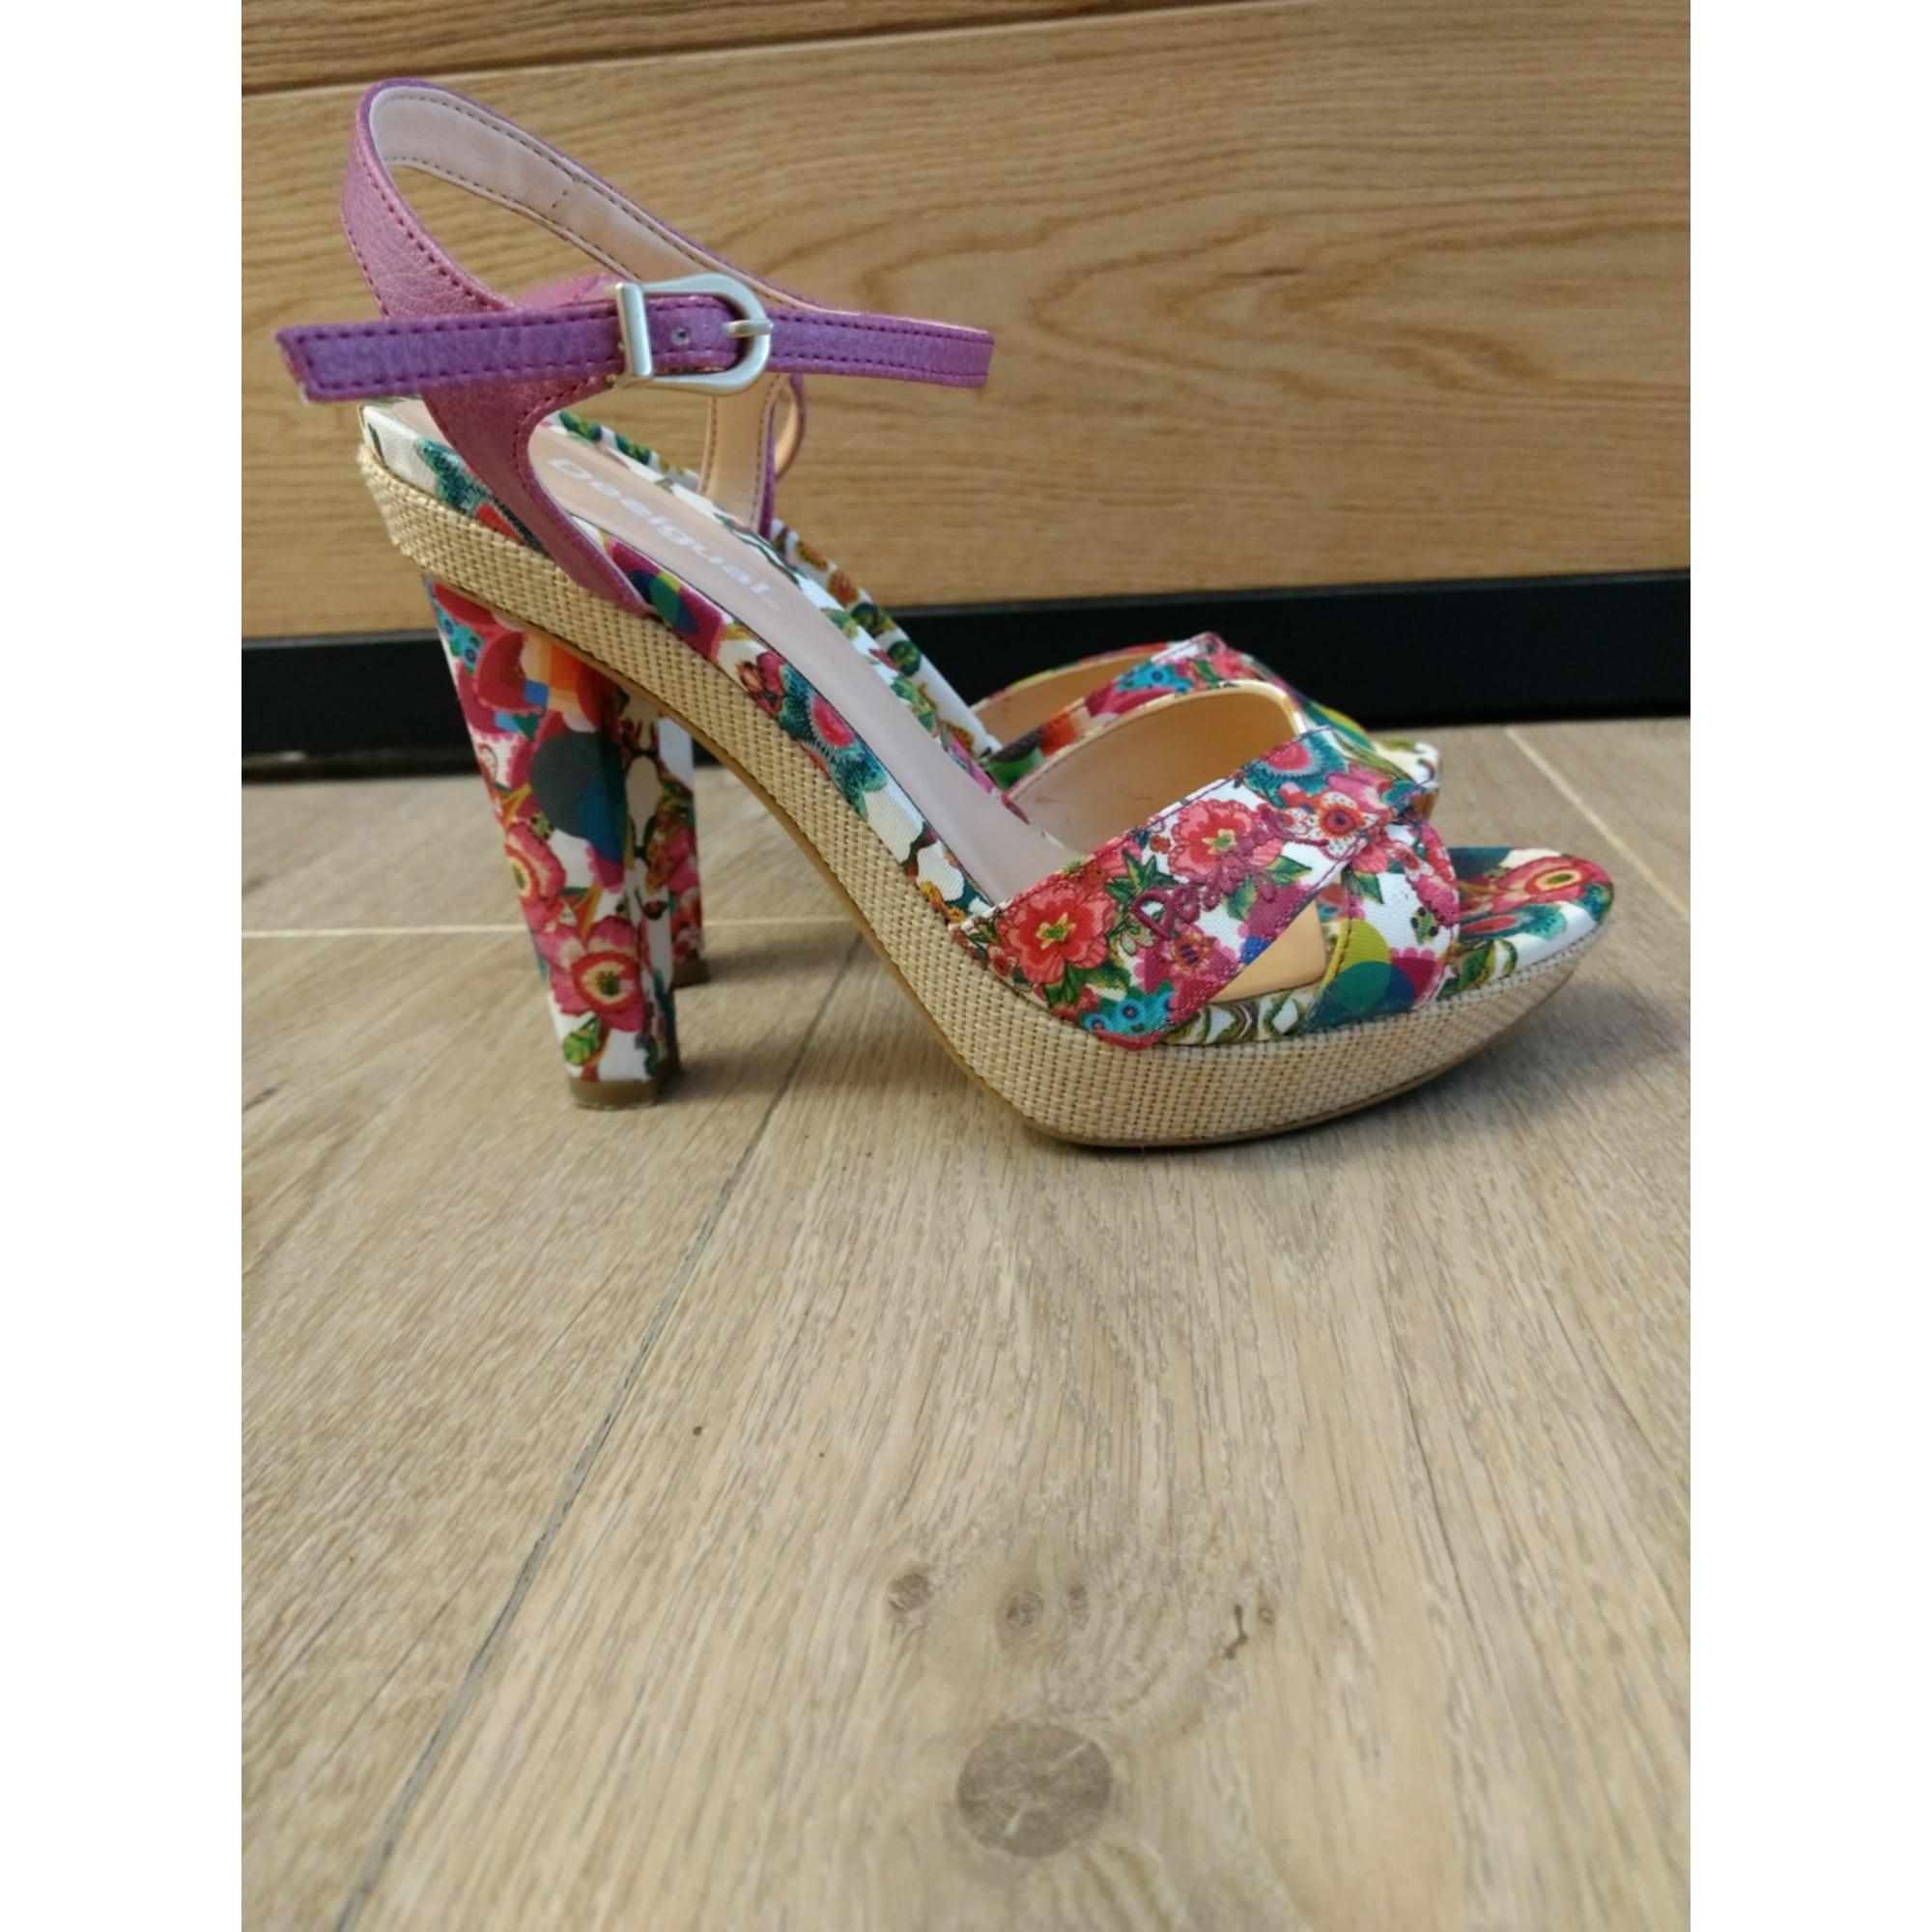 26133743 Origine Zero Chaussures Chaussures Clarks 26133743 Clarks 67gYbfy